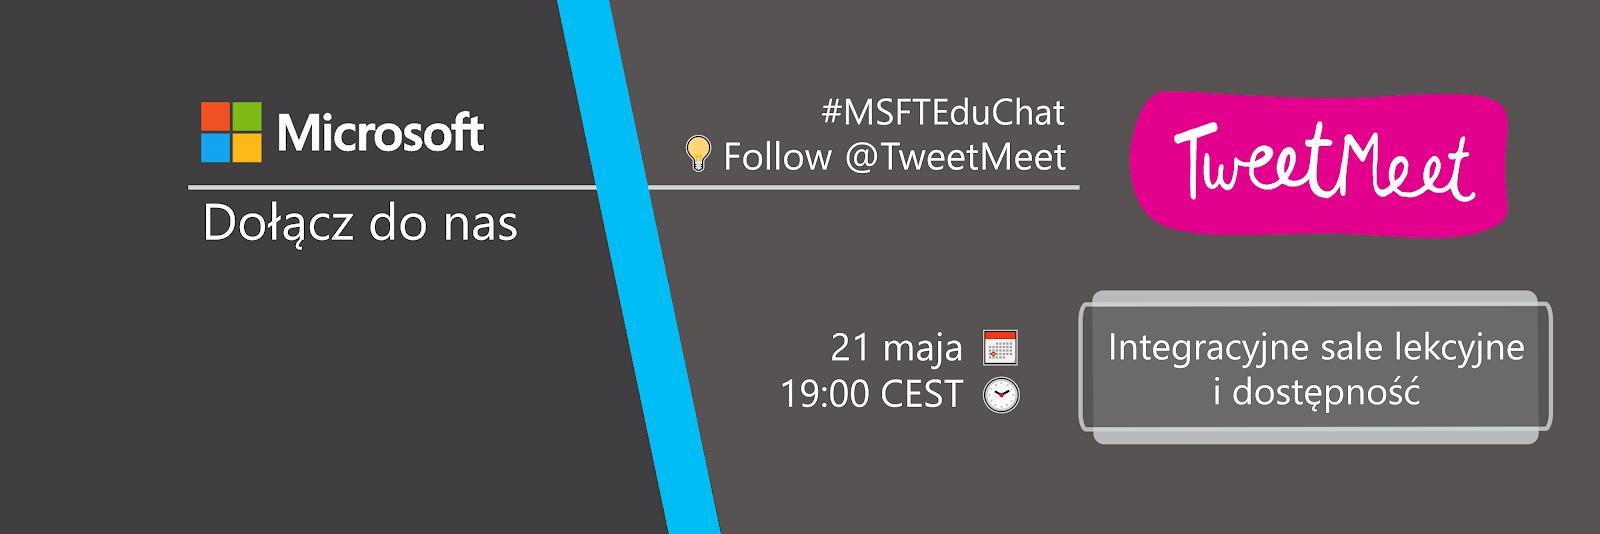 #MSFTEduChat